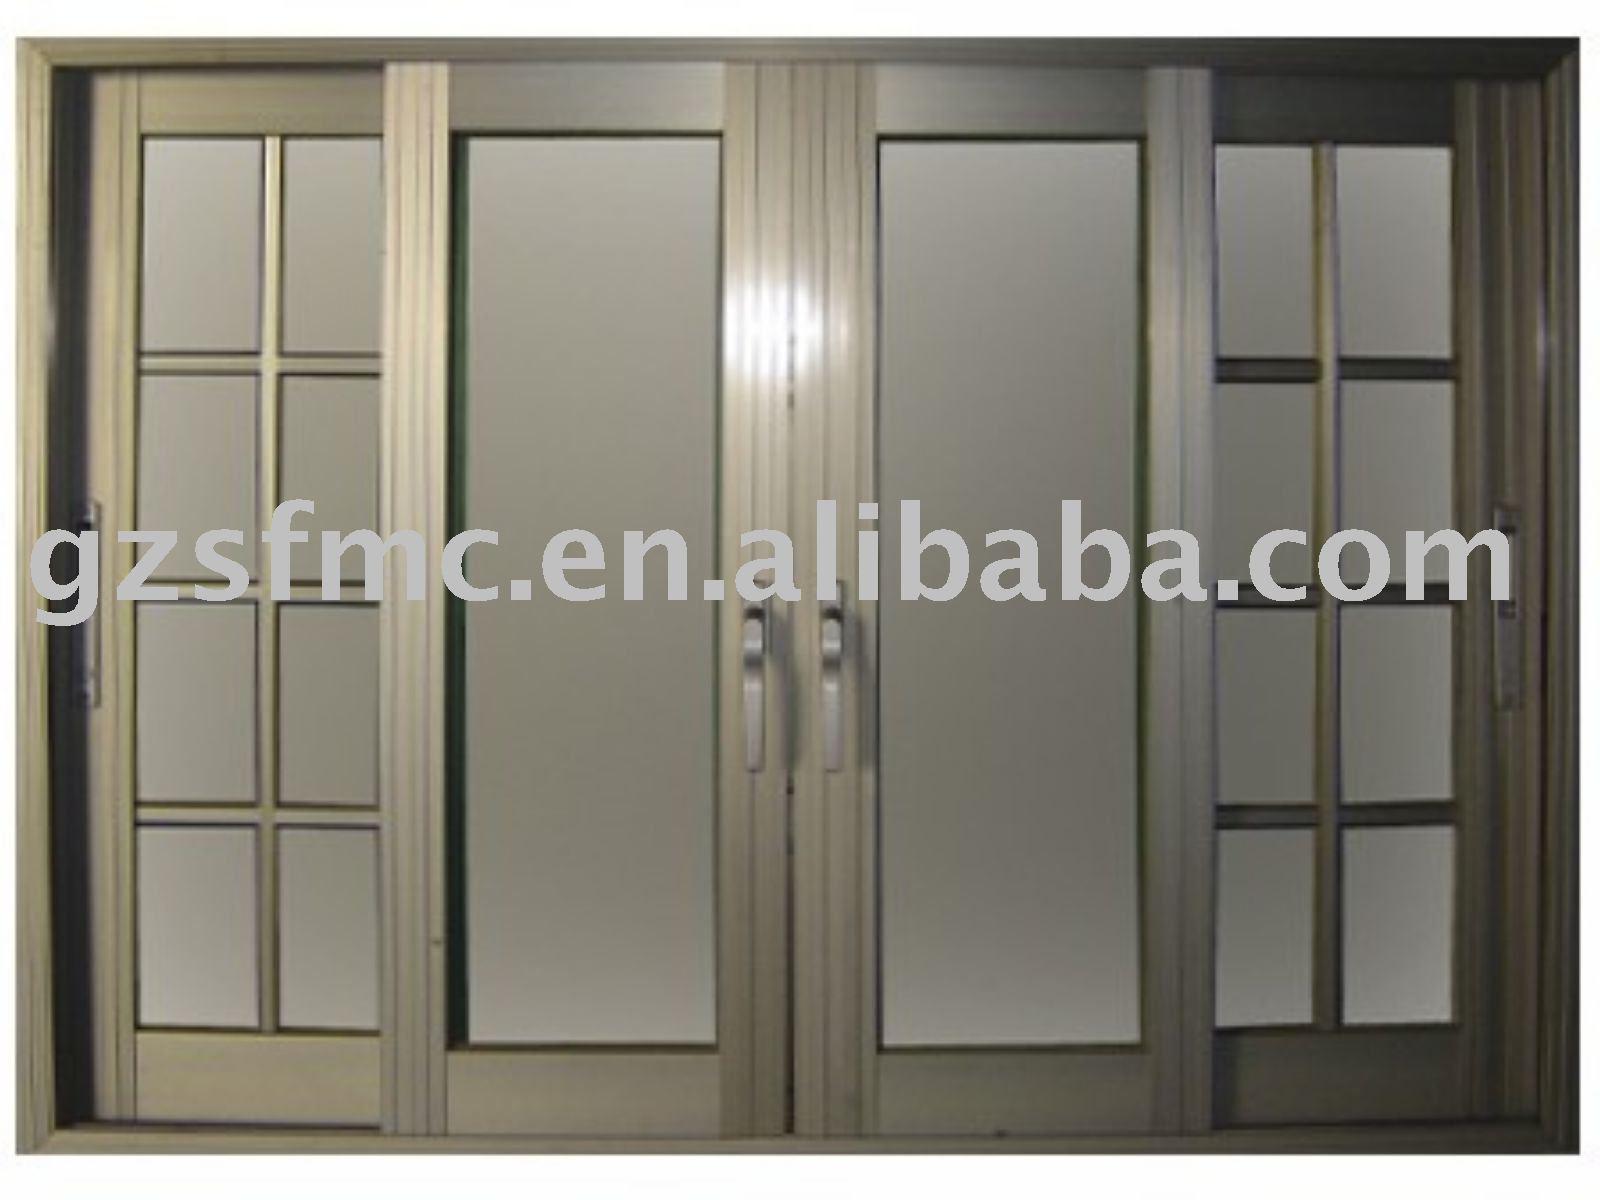 #776E54 Janela de alumínio Windows ID do produto:303956355 portuguese.alibaba  1838 Janela De Aluminio Preço Niteroi